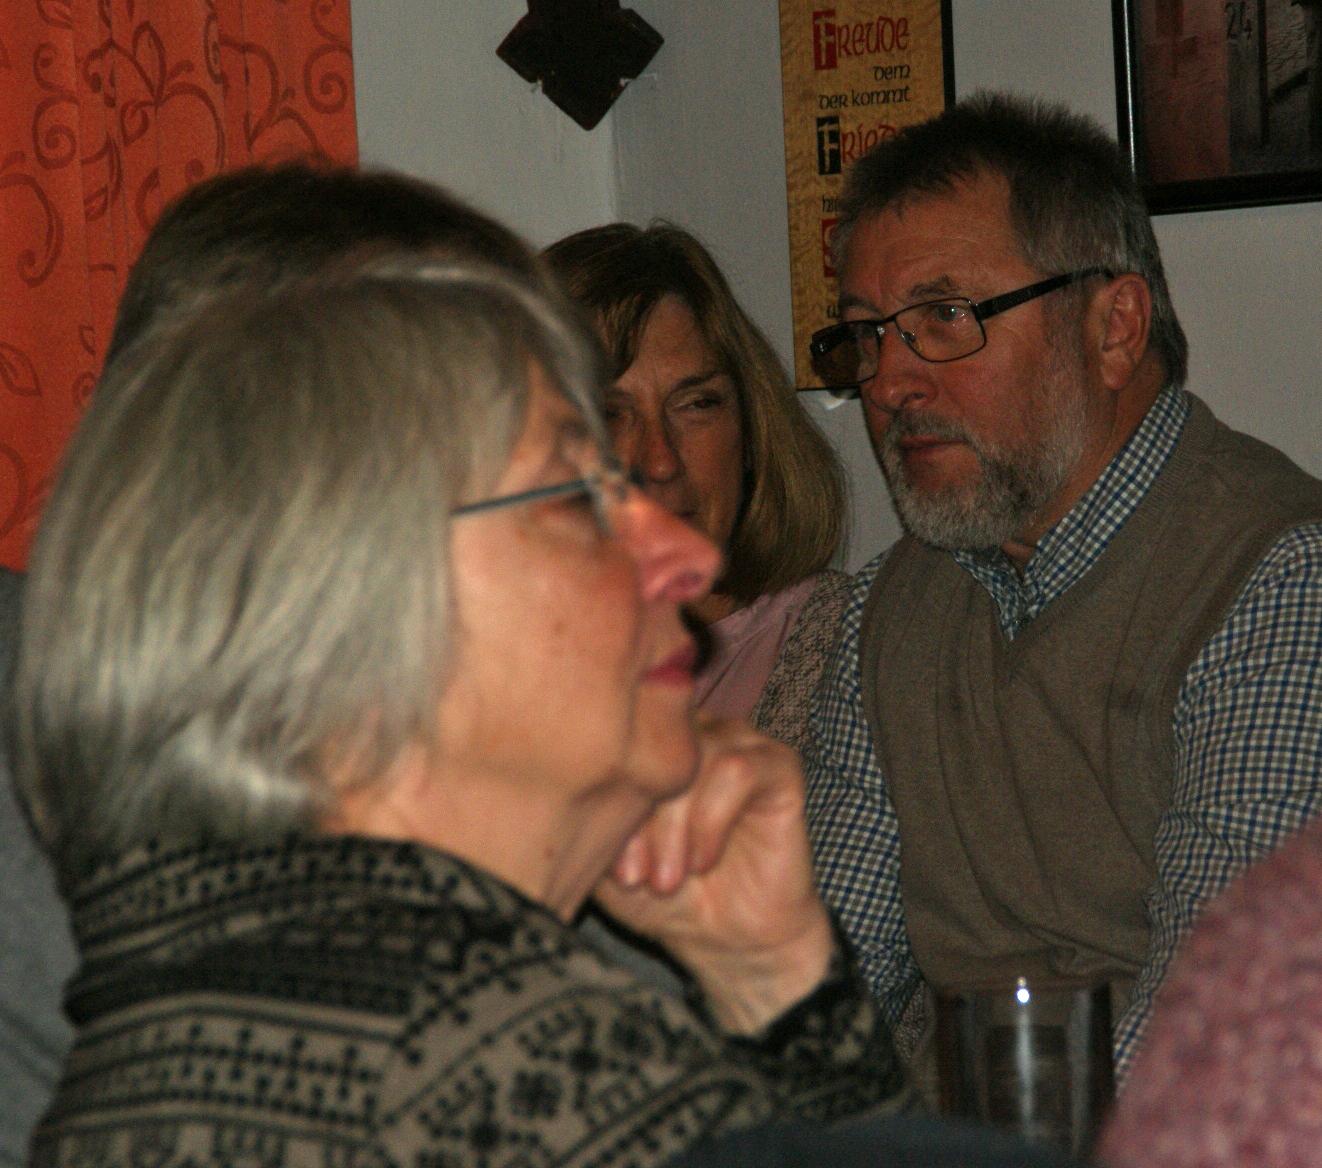 Eine aufmerksame Zuhörerschaft ließ sich auf ein satirisch-nostalgische Neunburg-Tour mitnehmen...